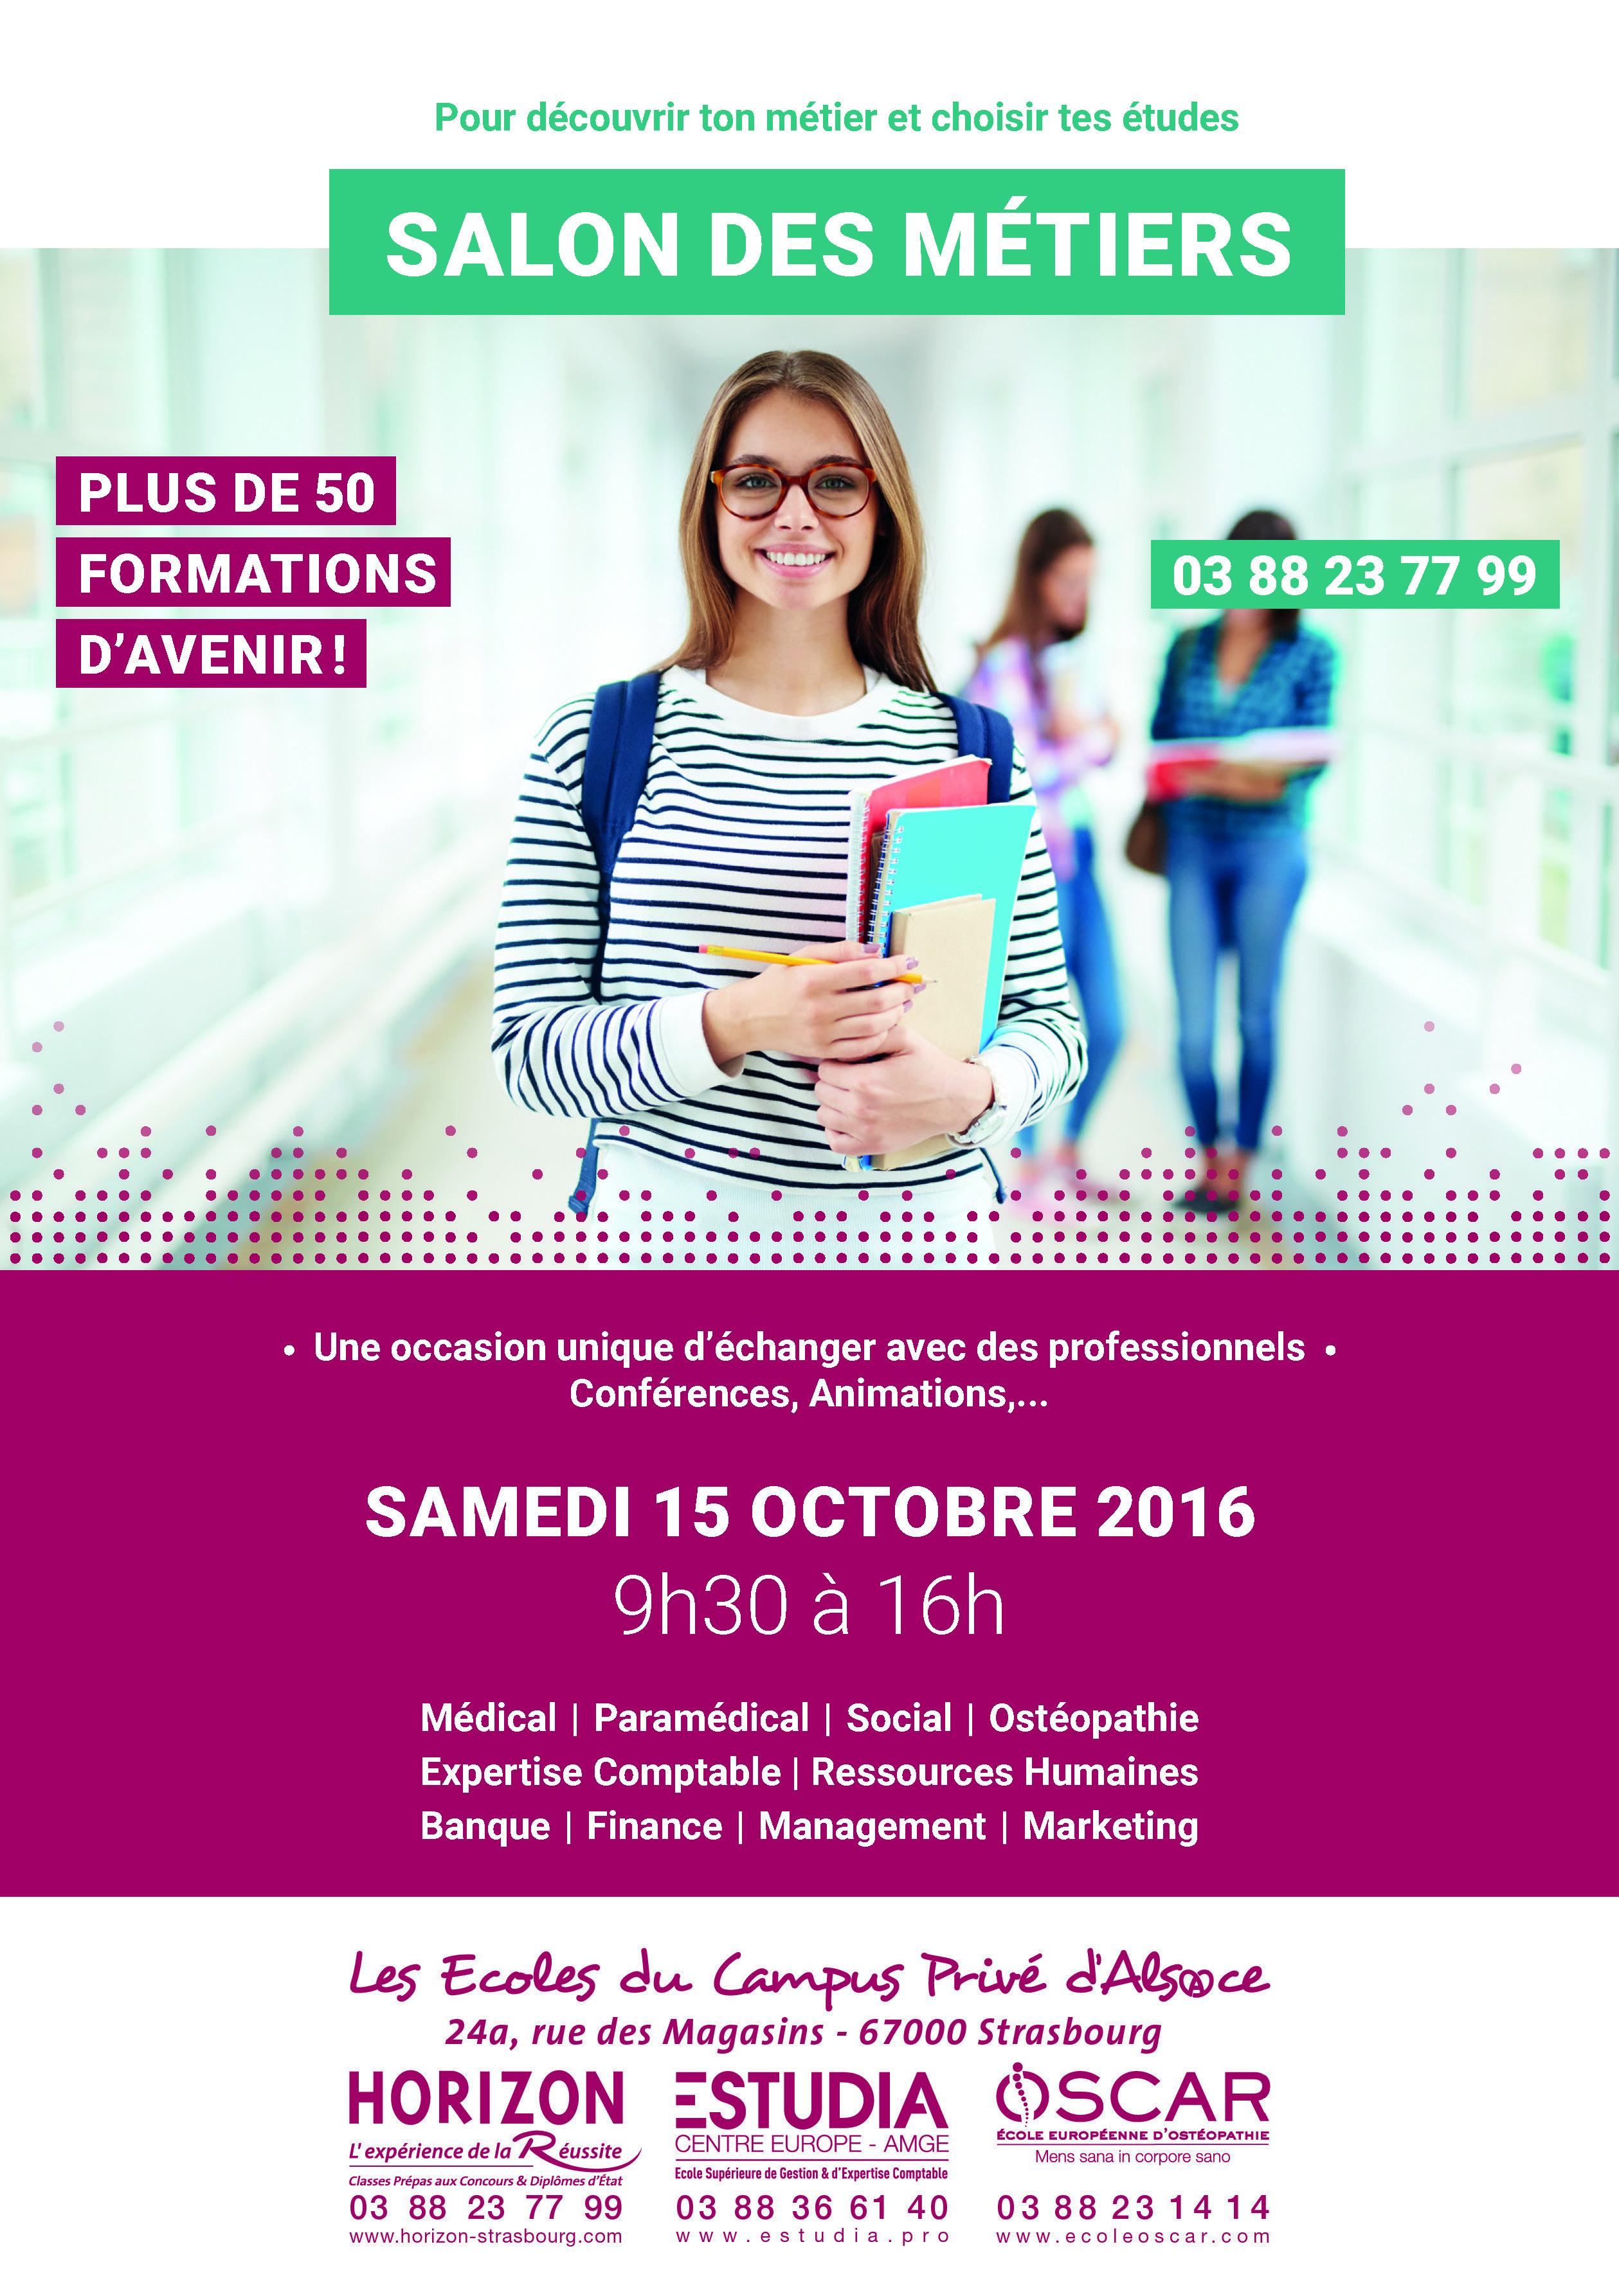 1 re journ e portes ouvertes samedi 15 octobre 2016 for Porte ouverte salon etudiant